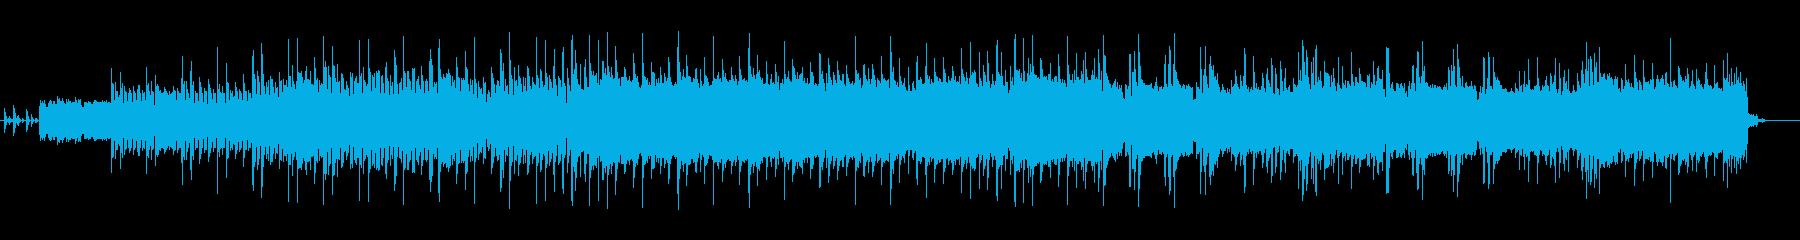 マイケルジャクソンのスリラー風の曲です。の再生済みの波形